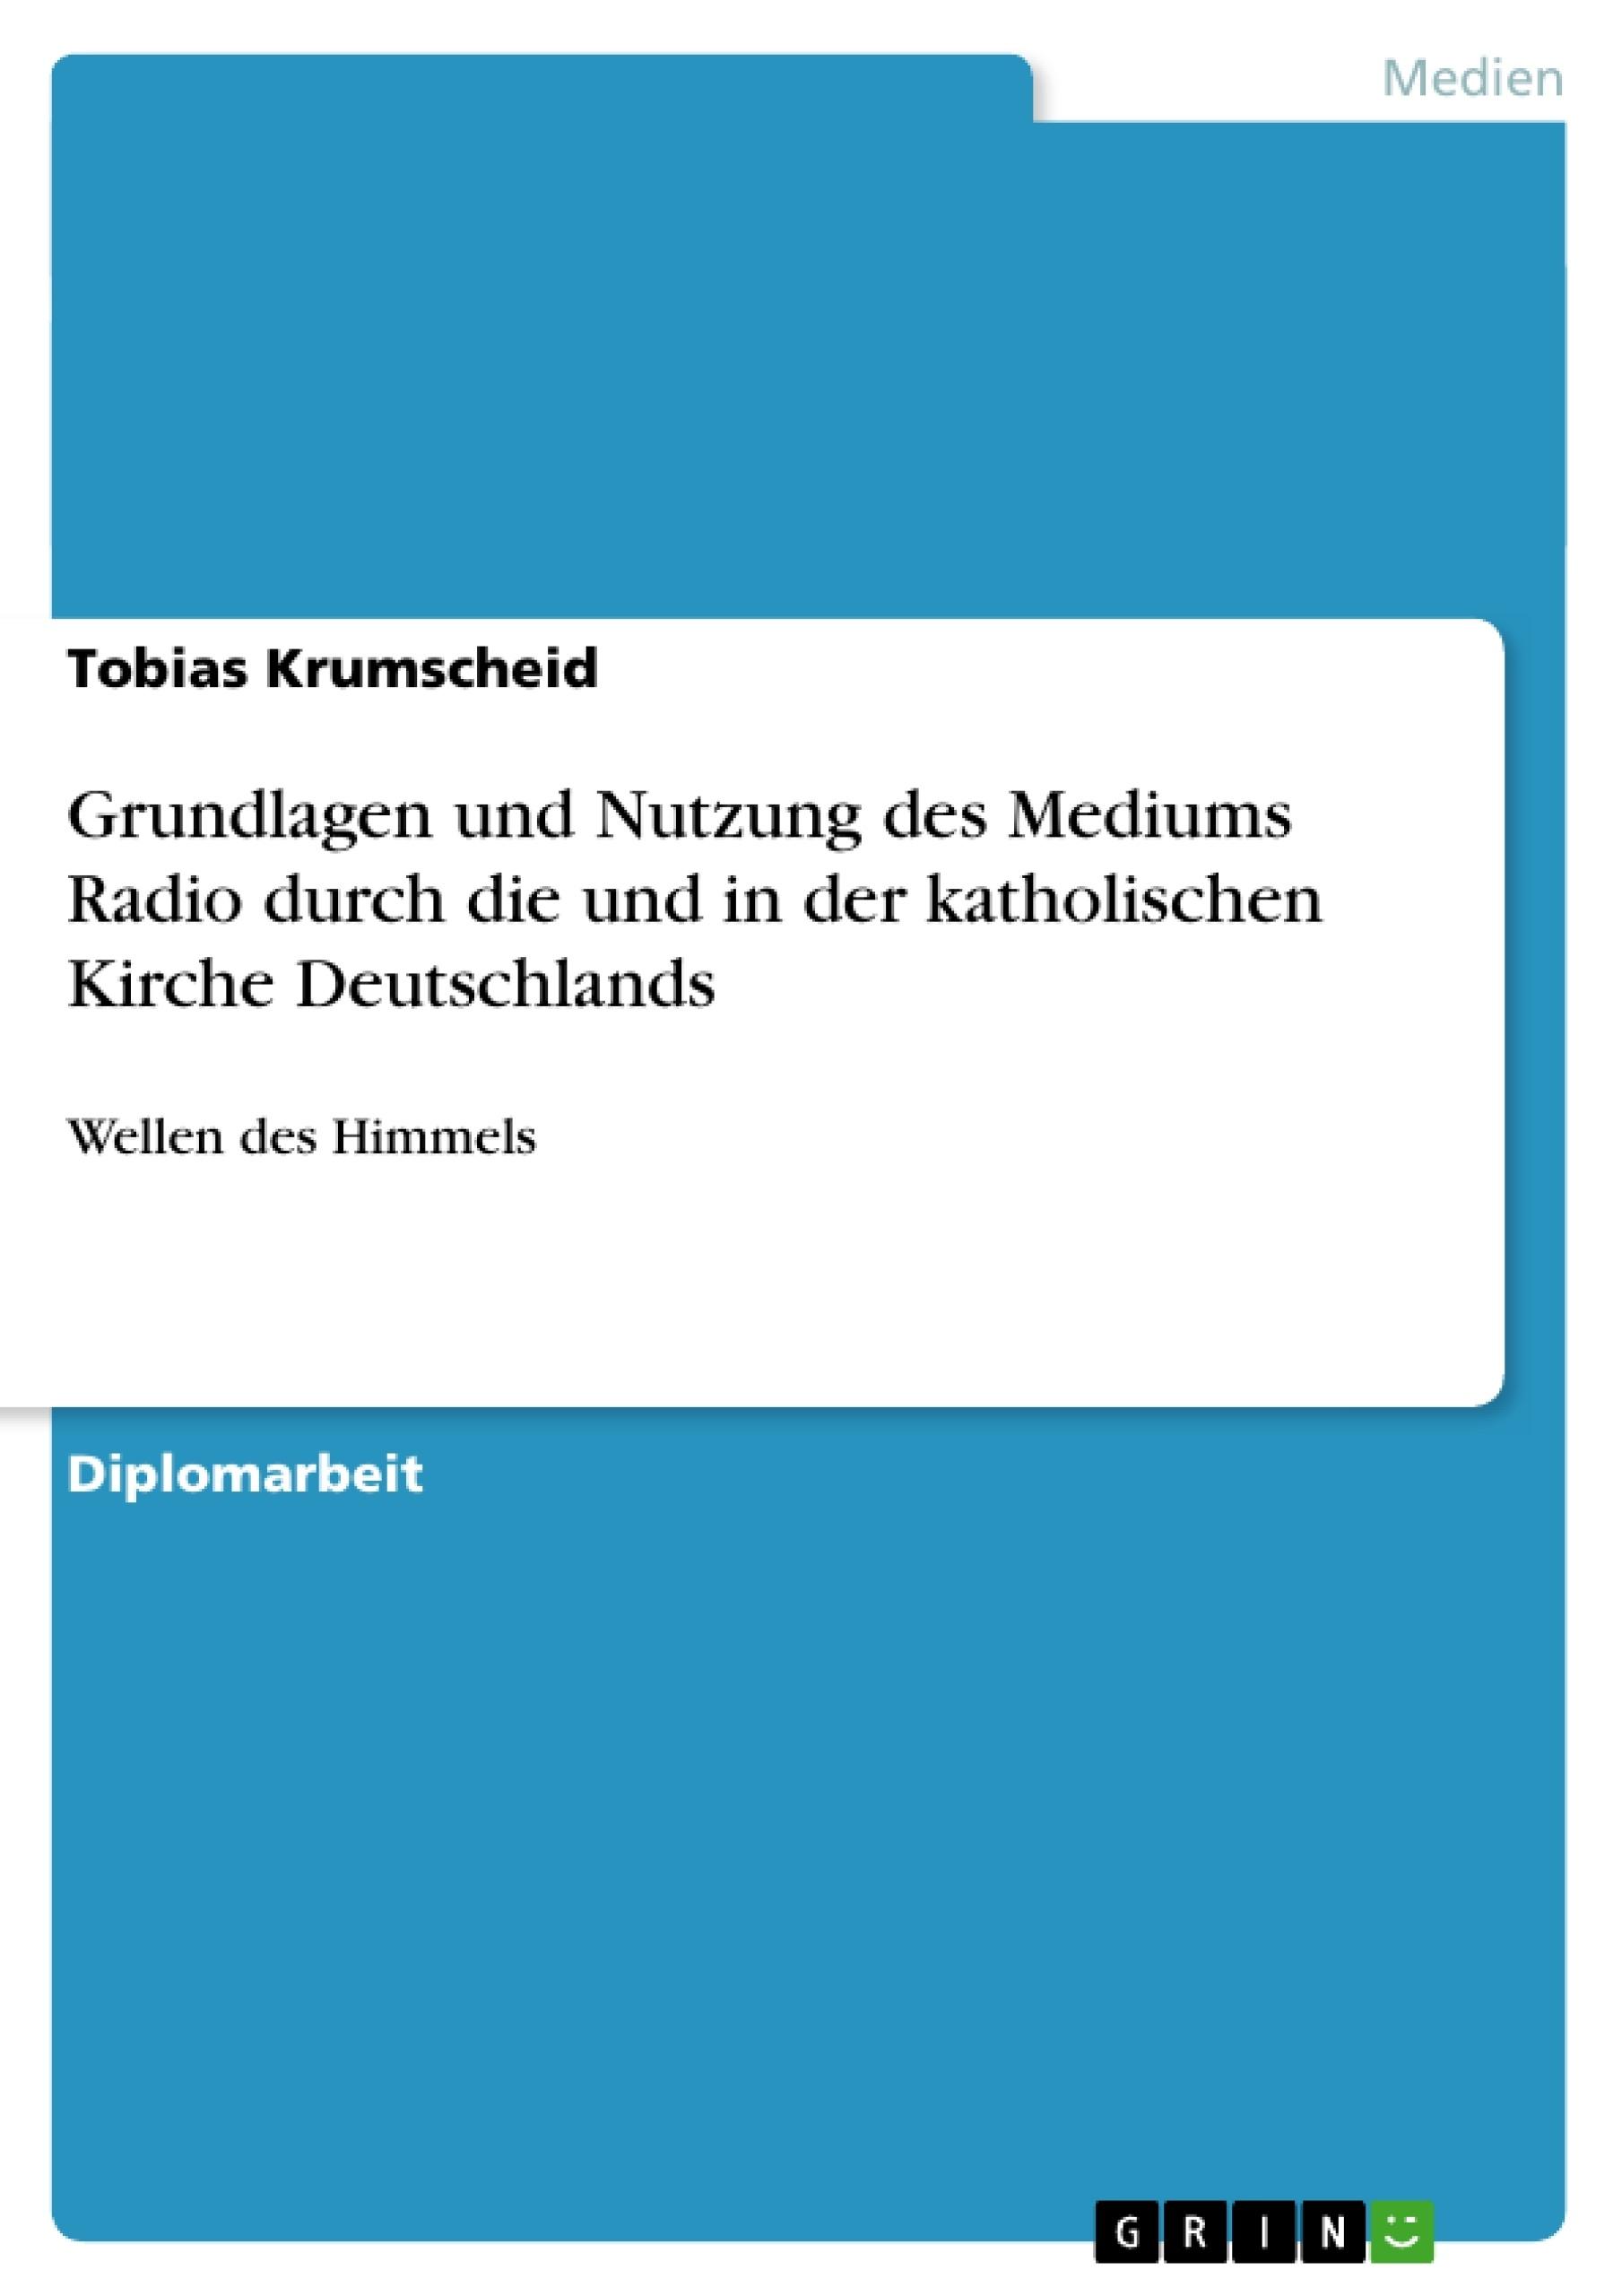 Titel: Grundlagen und Nutzung des Mediums Radio durch die und in der  katholischen Kirche Deutschlands